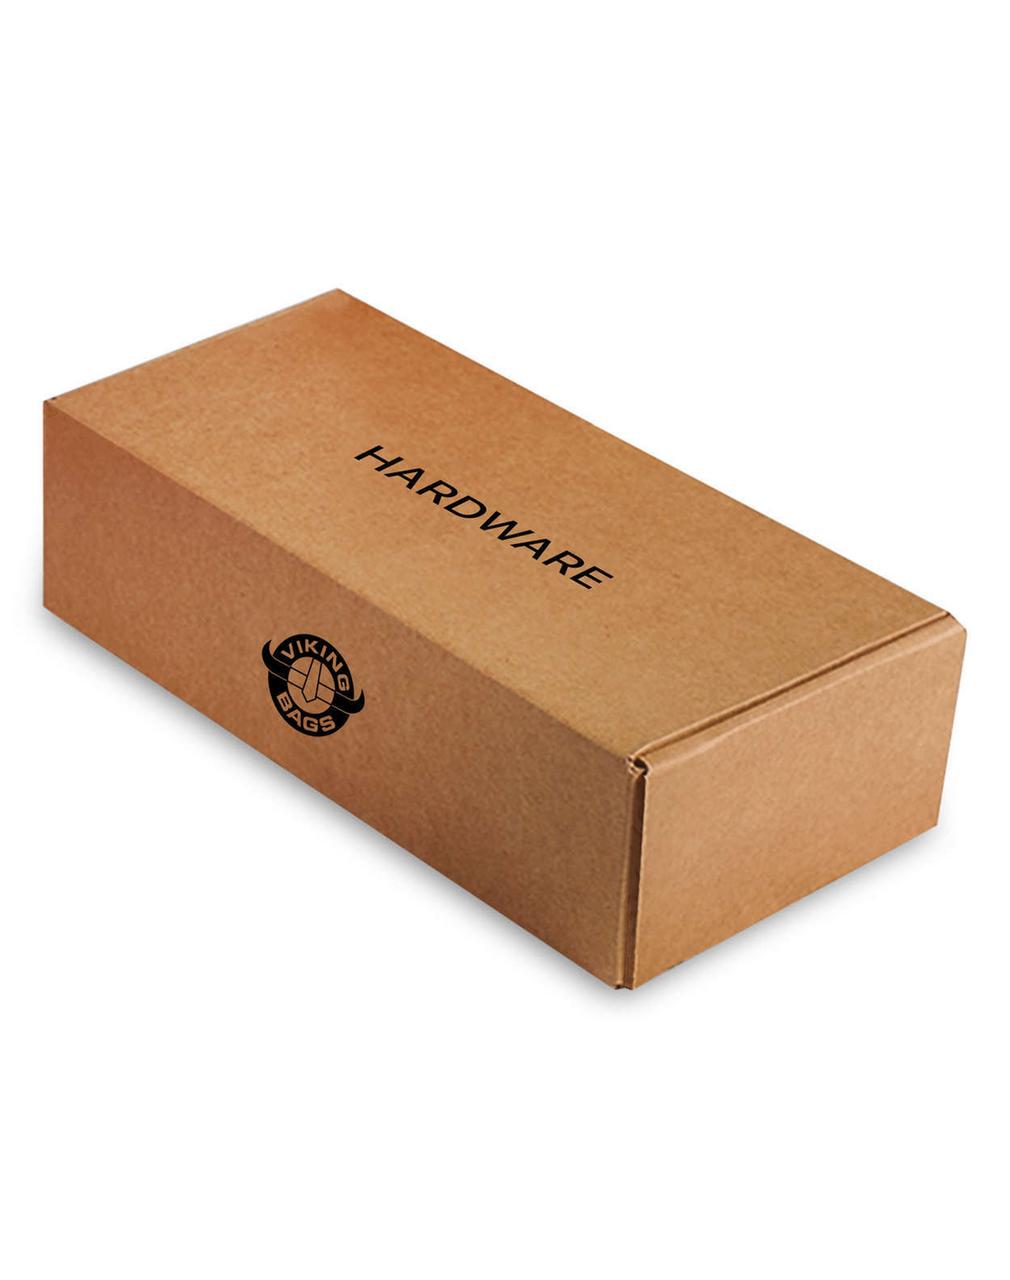 Honda 750 Shadow Phantom Medium Slanted Studded Motorcycle Saddlebags box